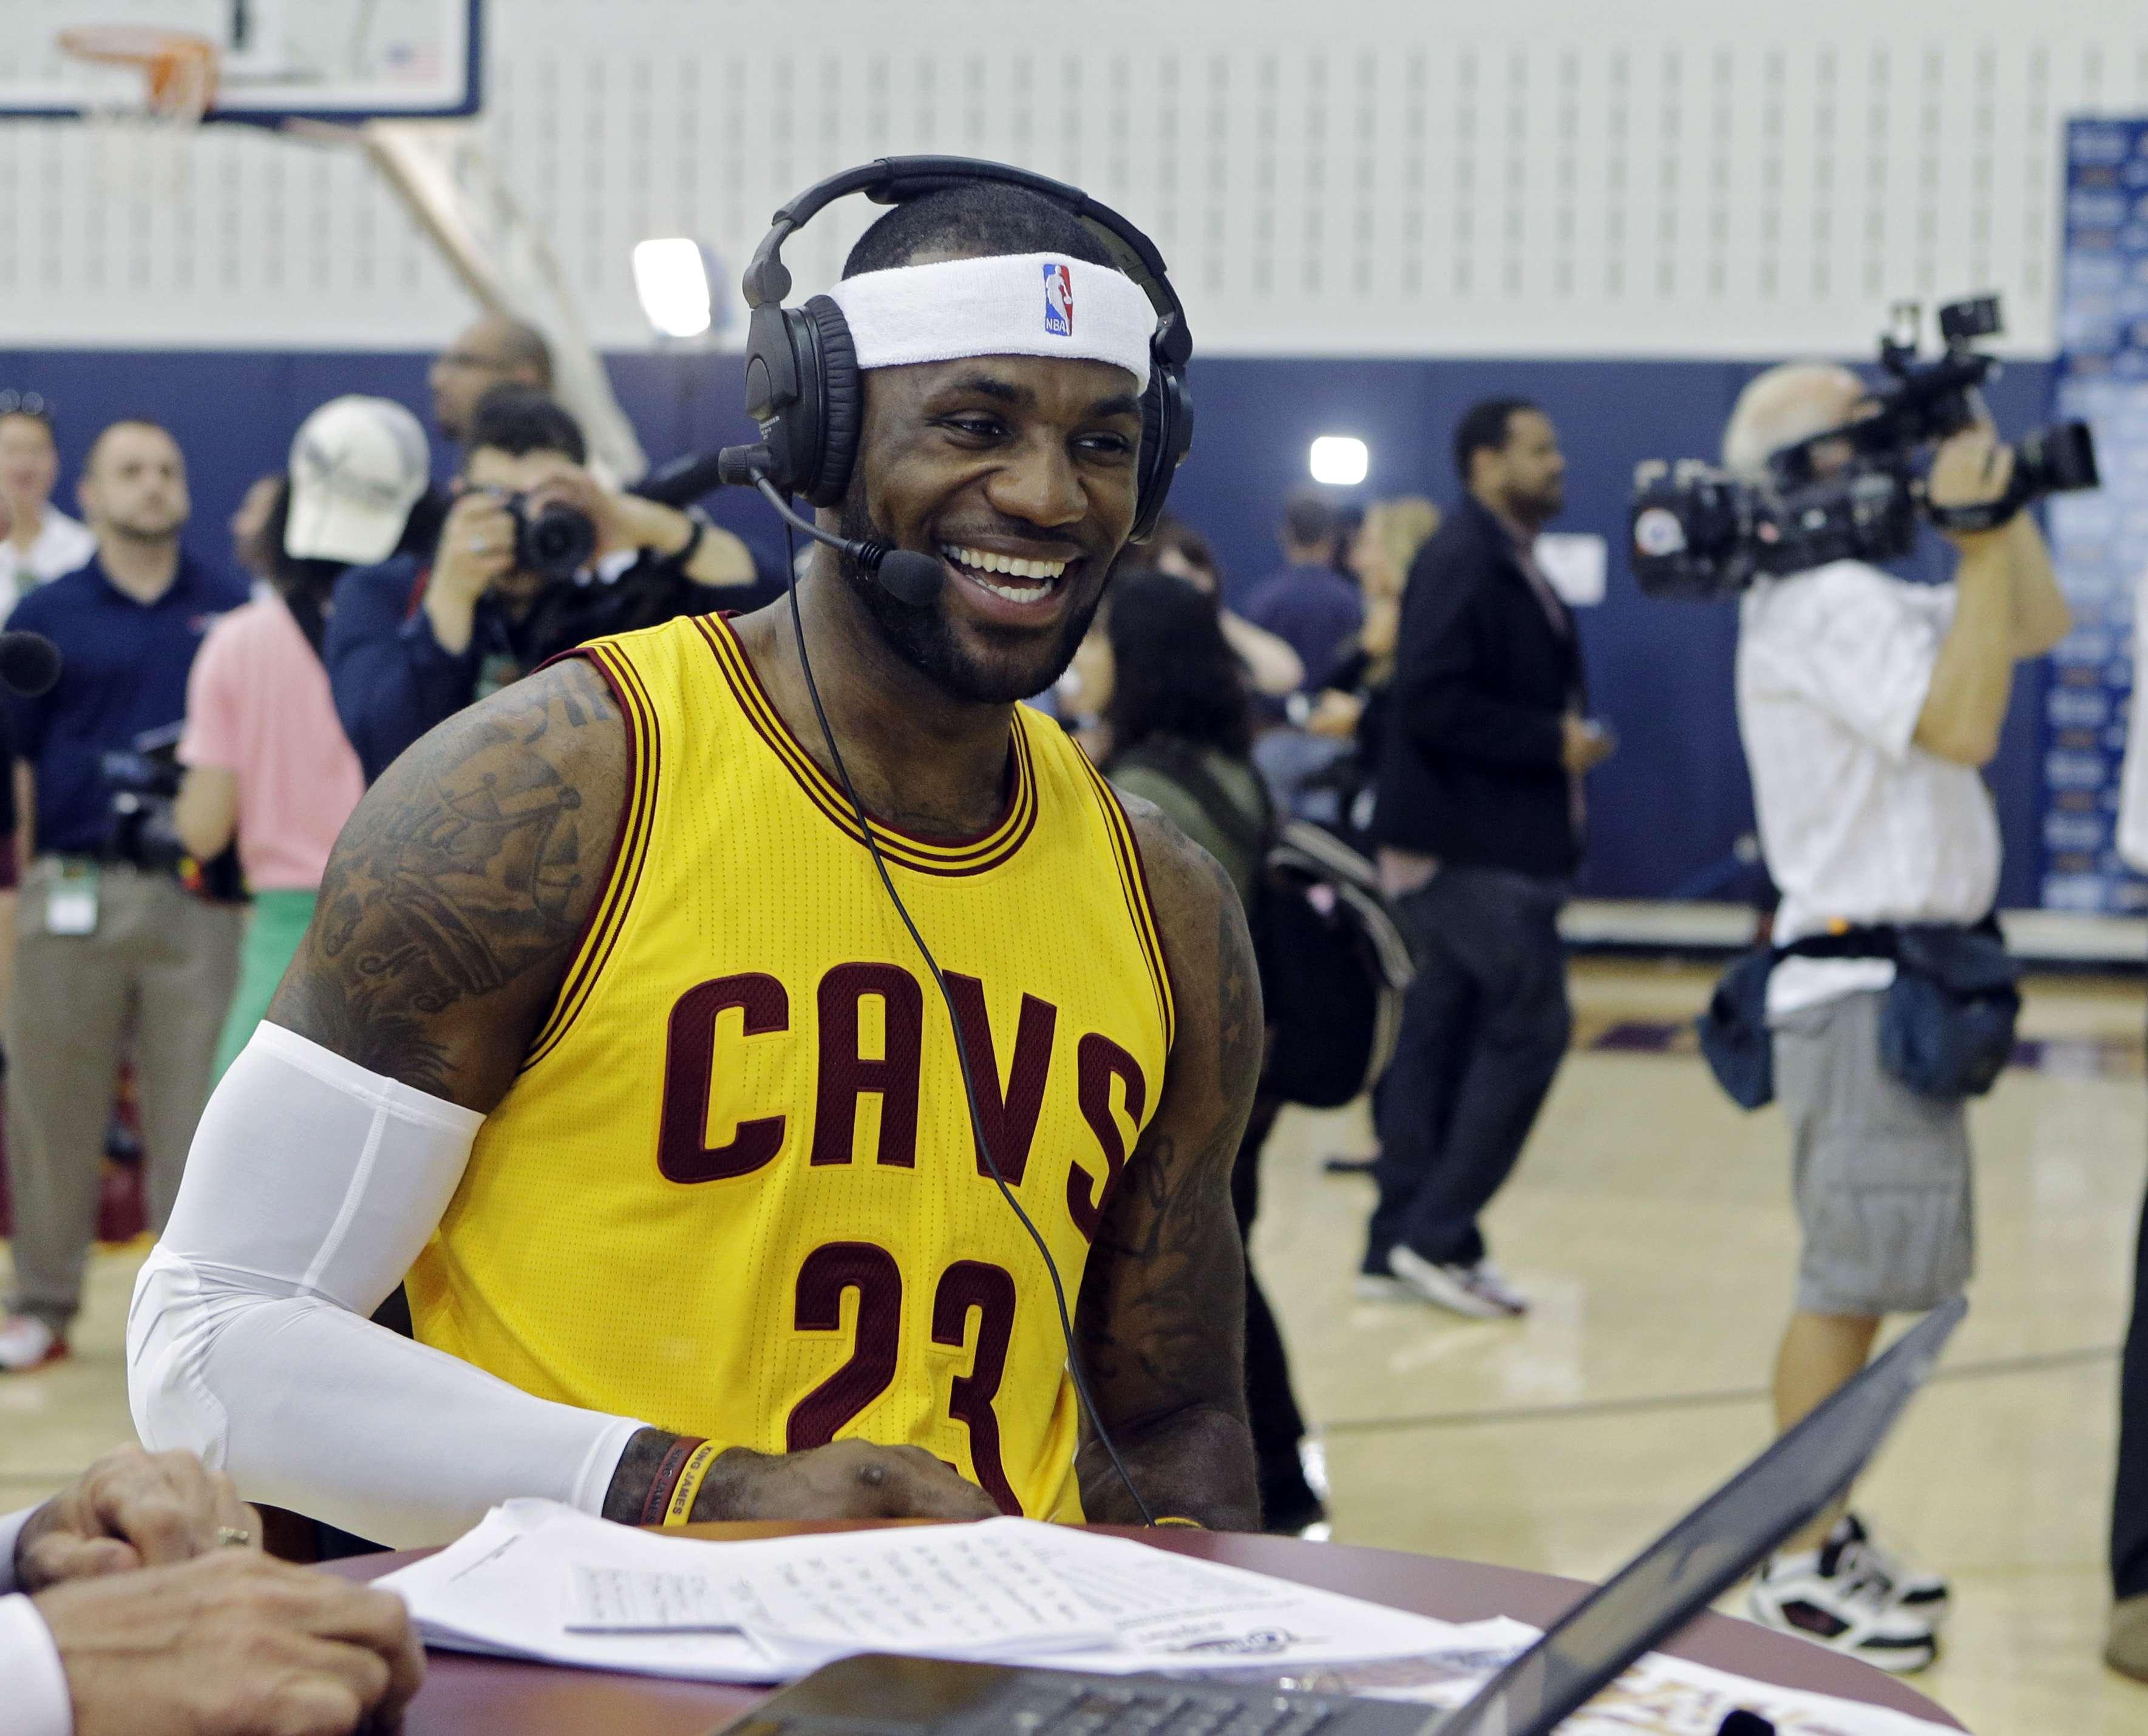 LeBron James ahora entra al mundo de la televisión con una serie motivacional para niños. Foto: AP